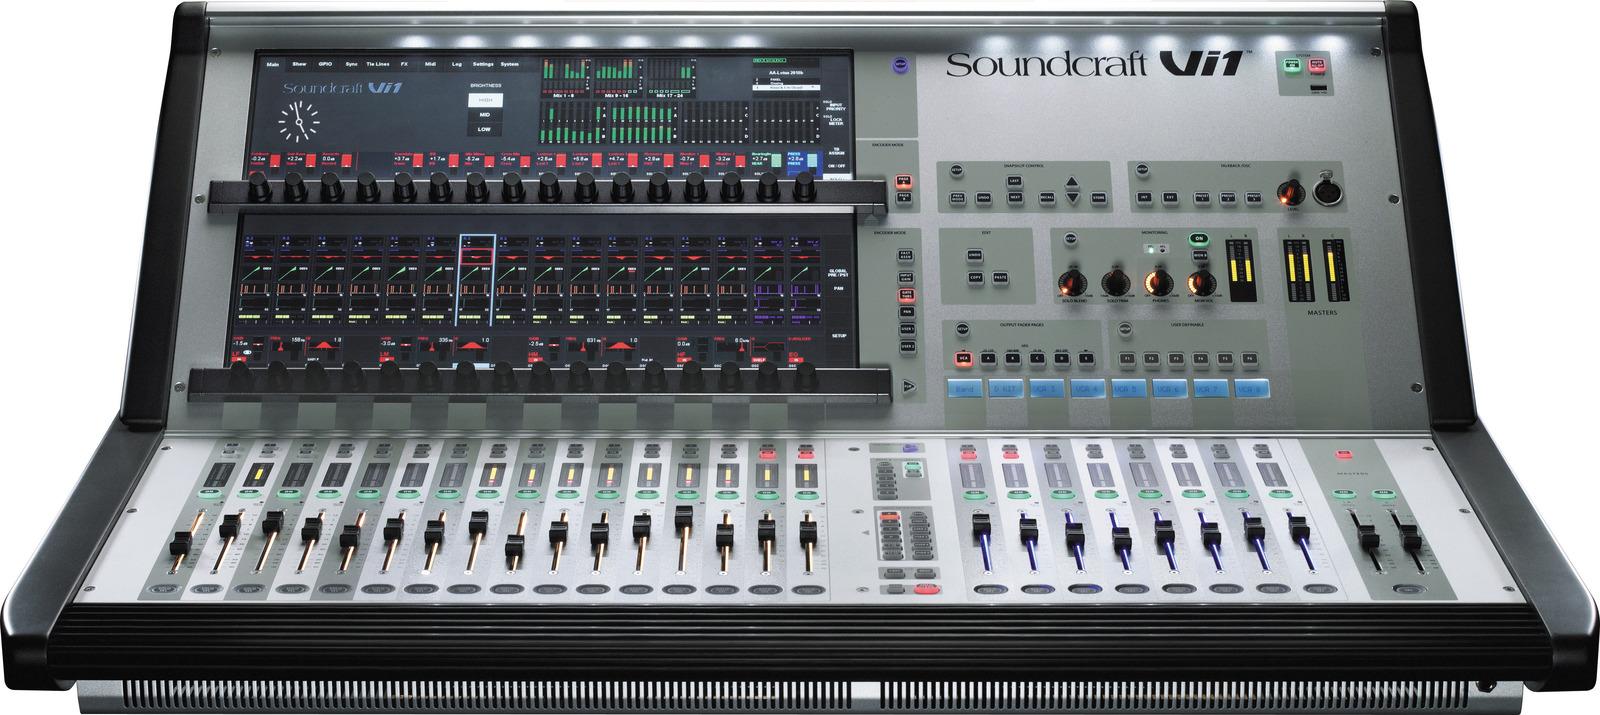 SOUNDCRAFT VI1 Ψηφιακή Κονσόλα Μίξης Modular